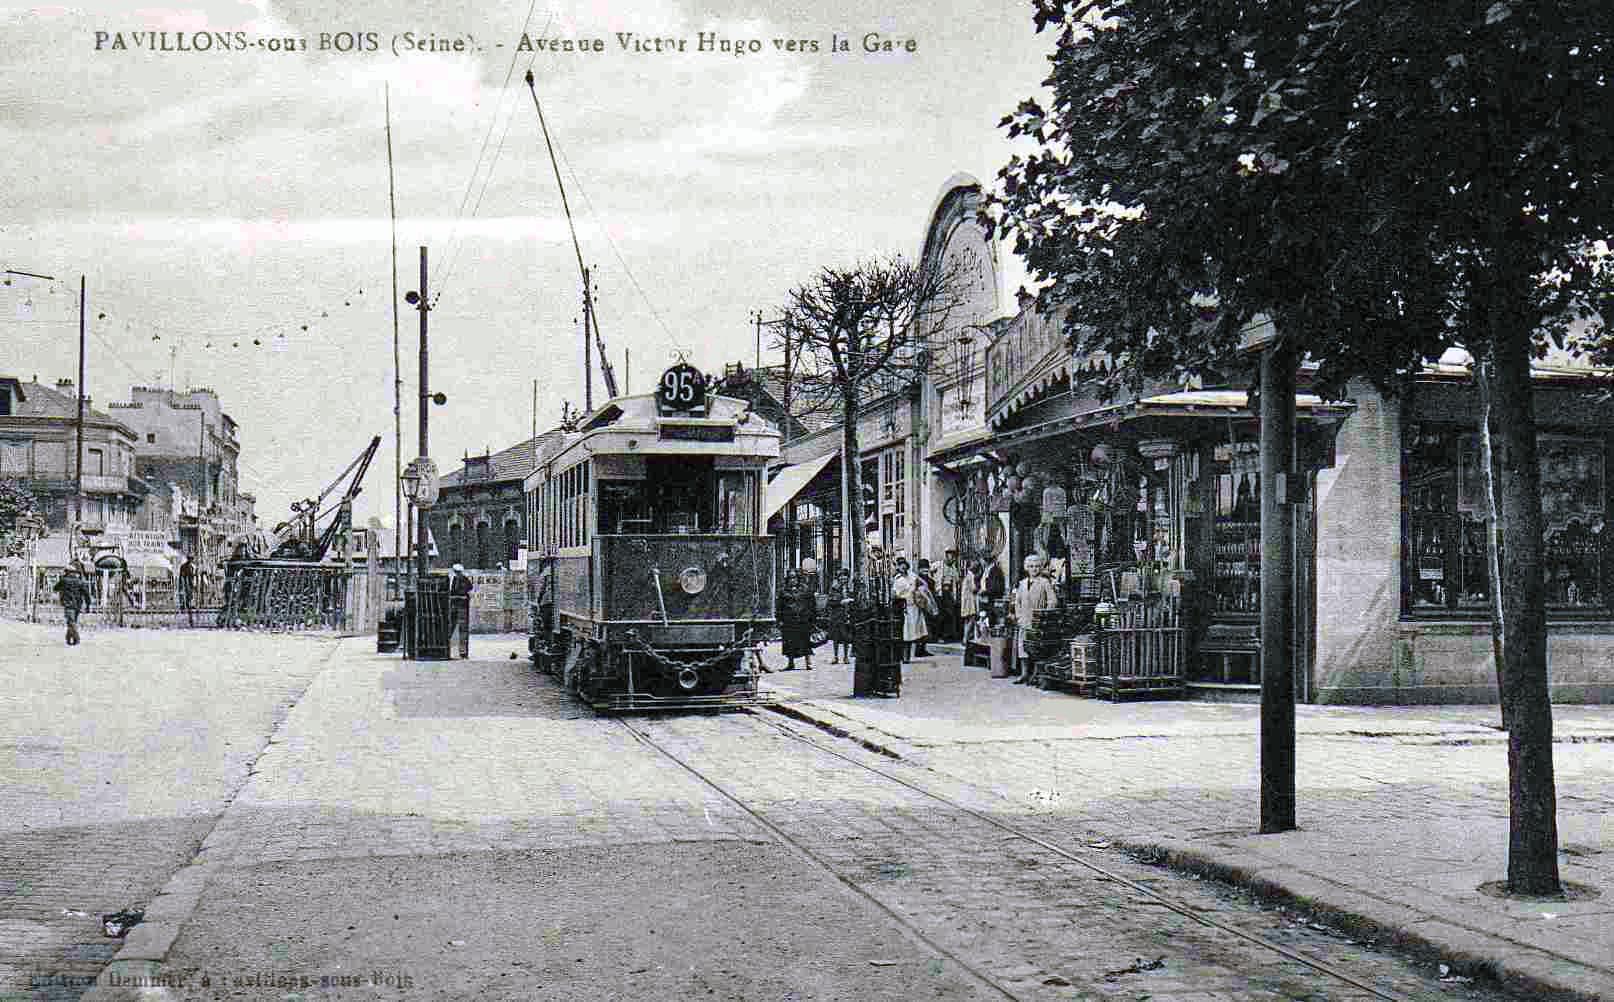 Déchetterie Pavillons Sous Bois - File Pavillons sous Bois Avenue Victor Hugo vers la Gare jpg Wikimedia Commons